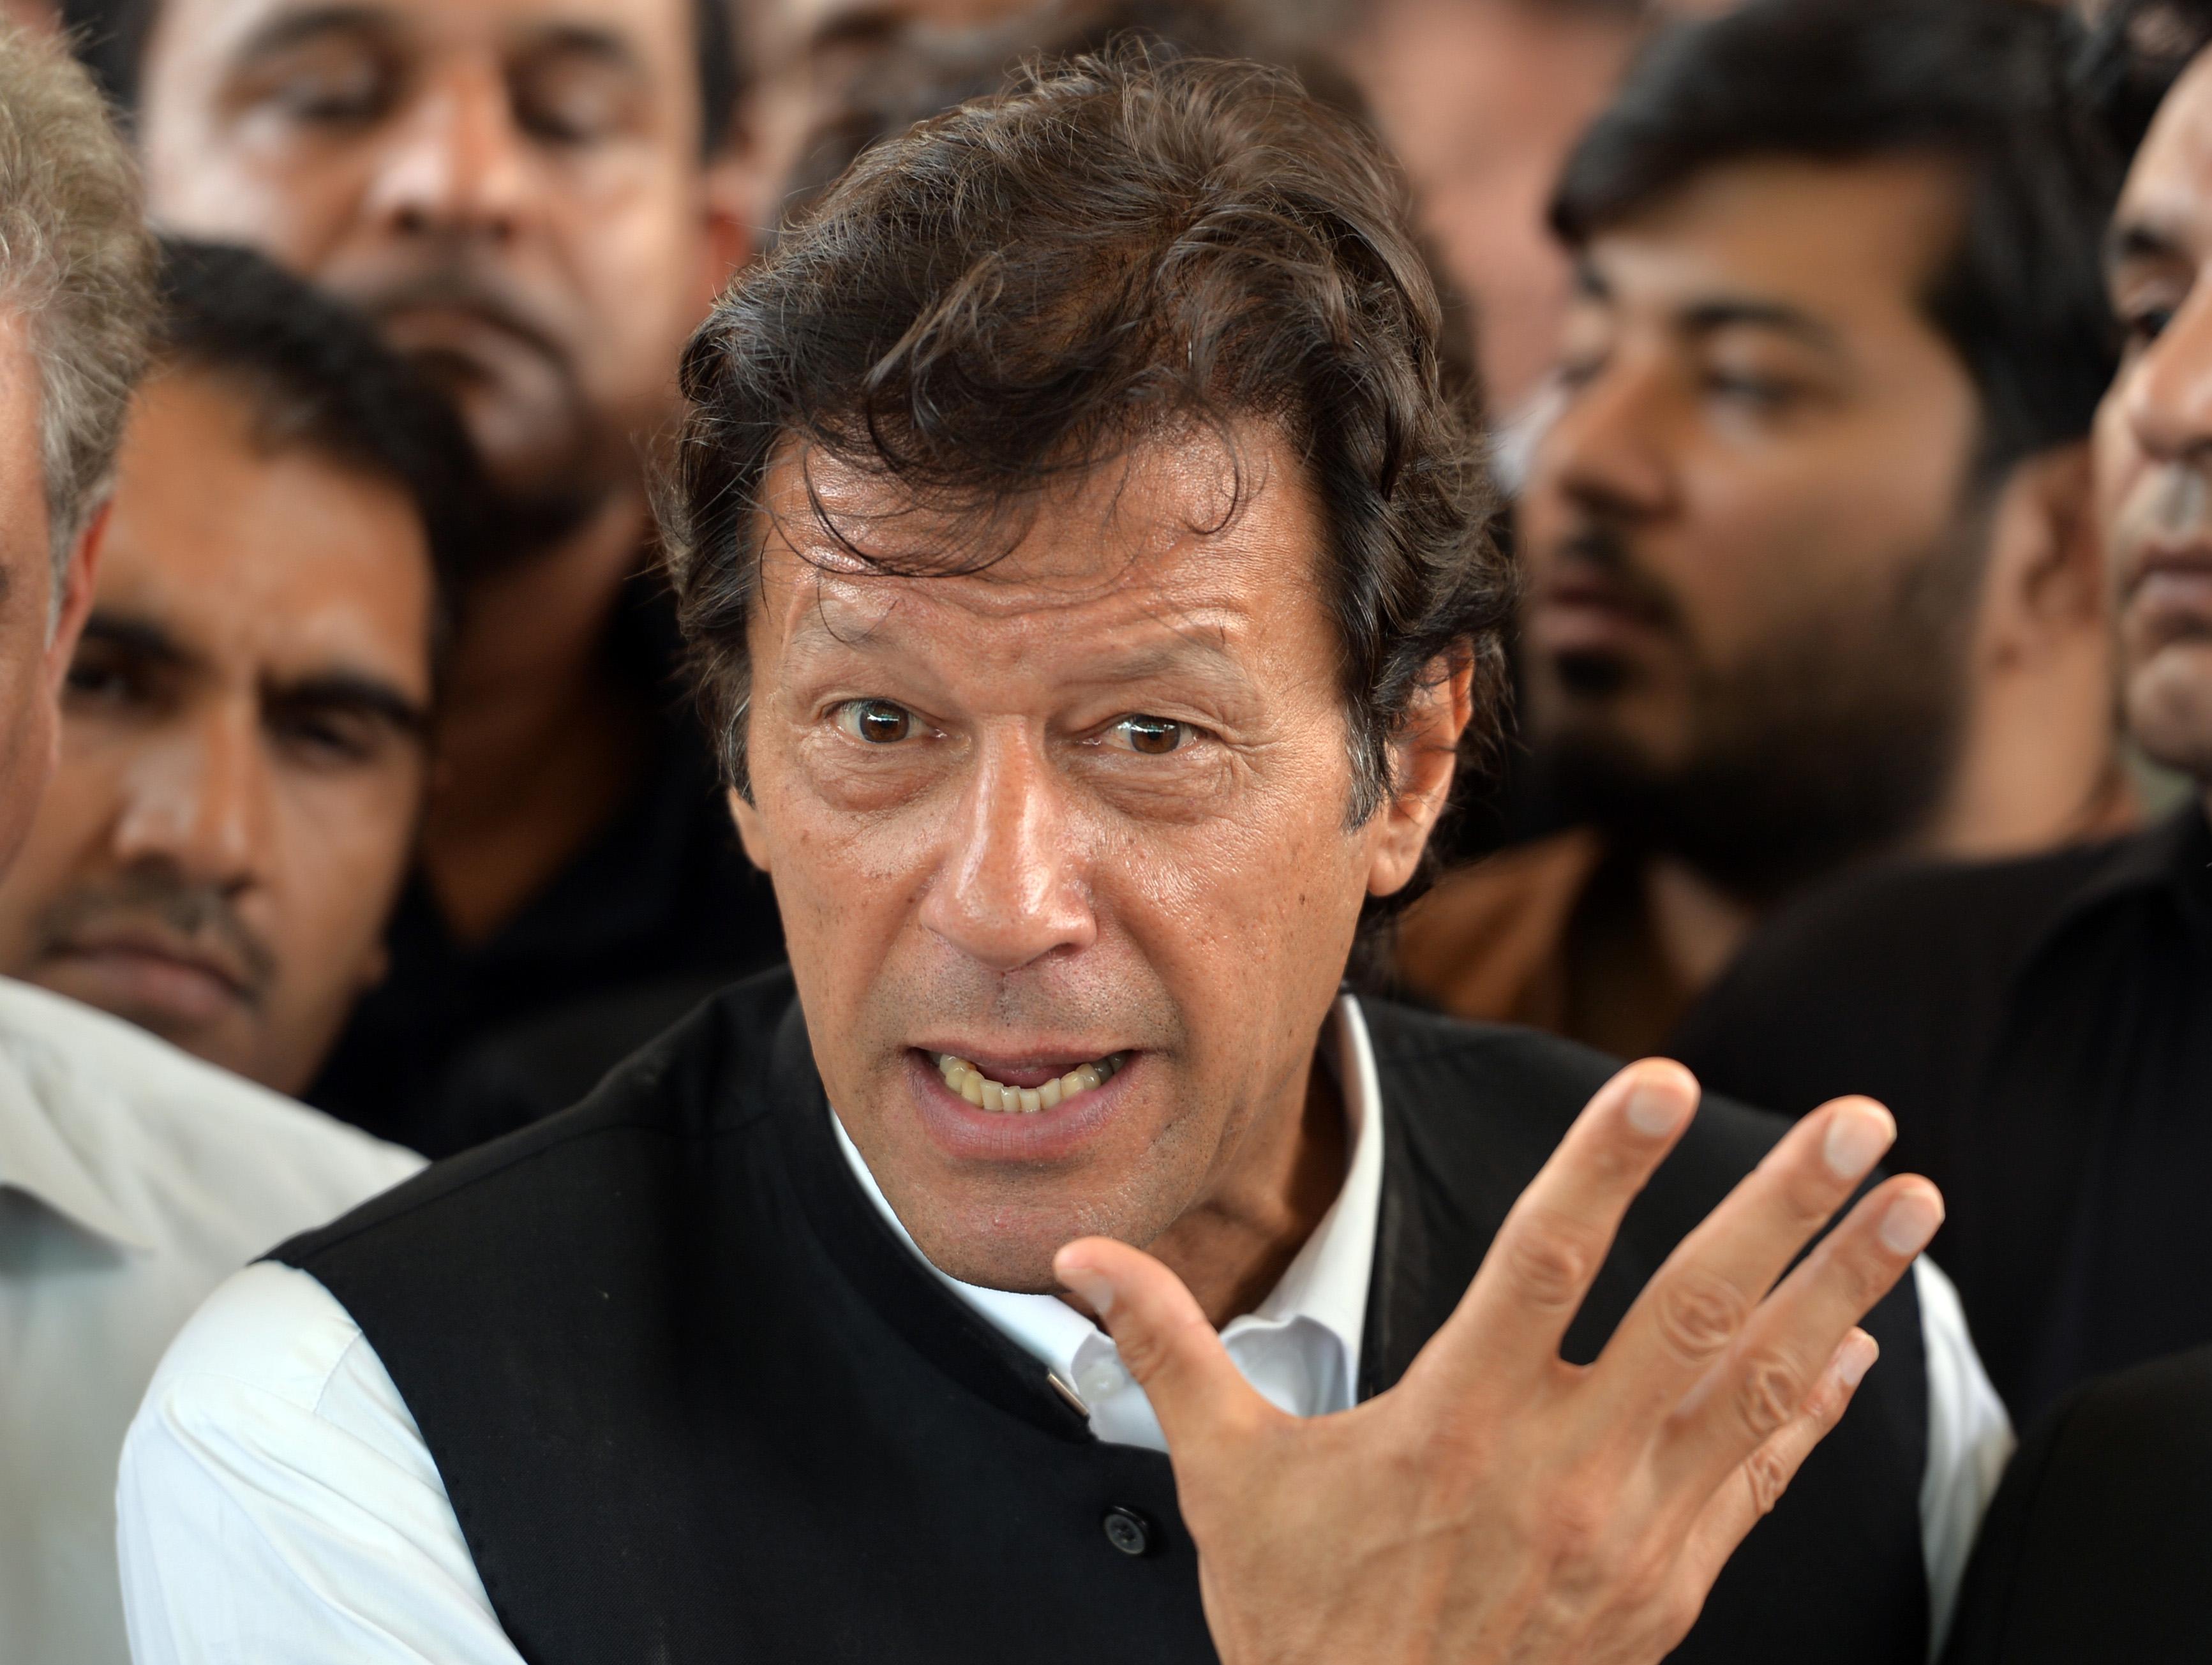 Pakistan Politician Imran Khan Threatens To Block Key U.S